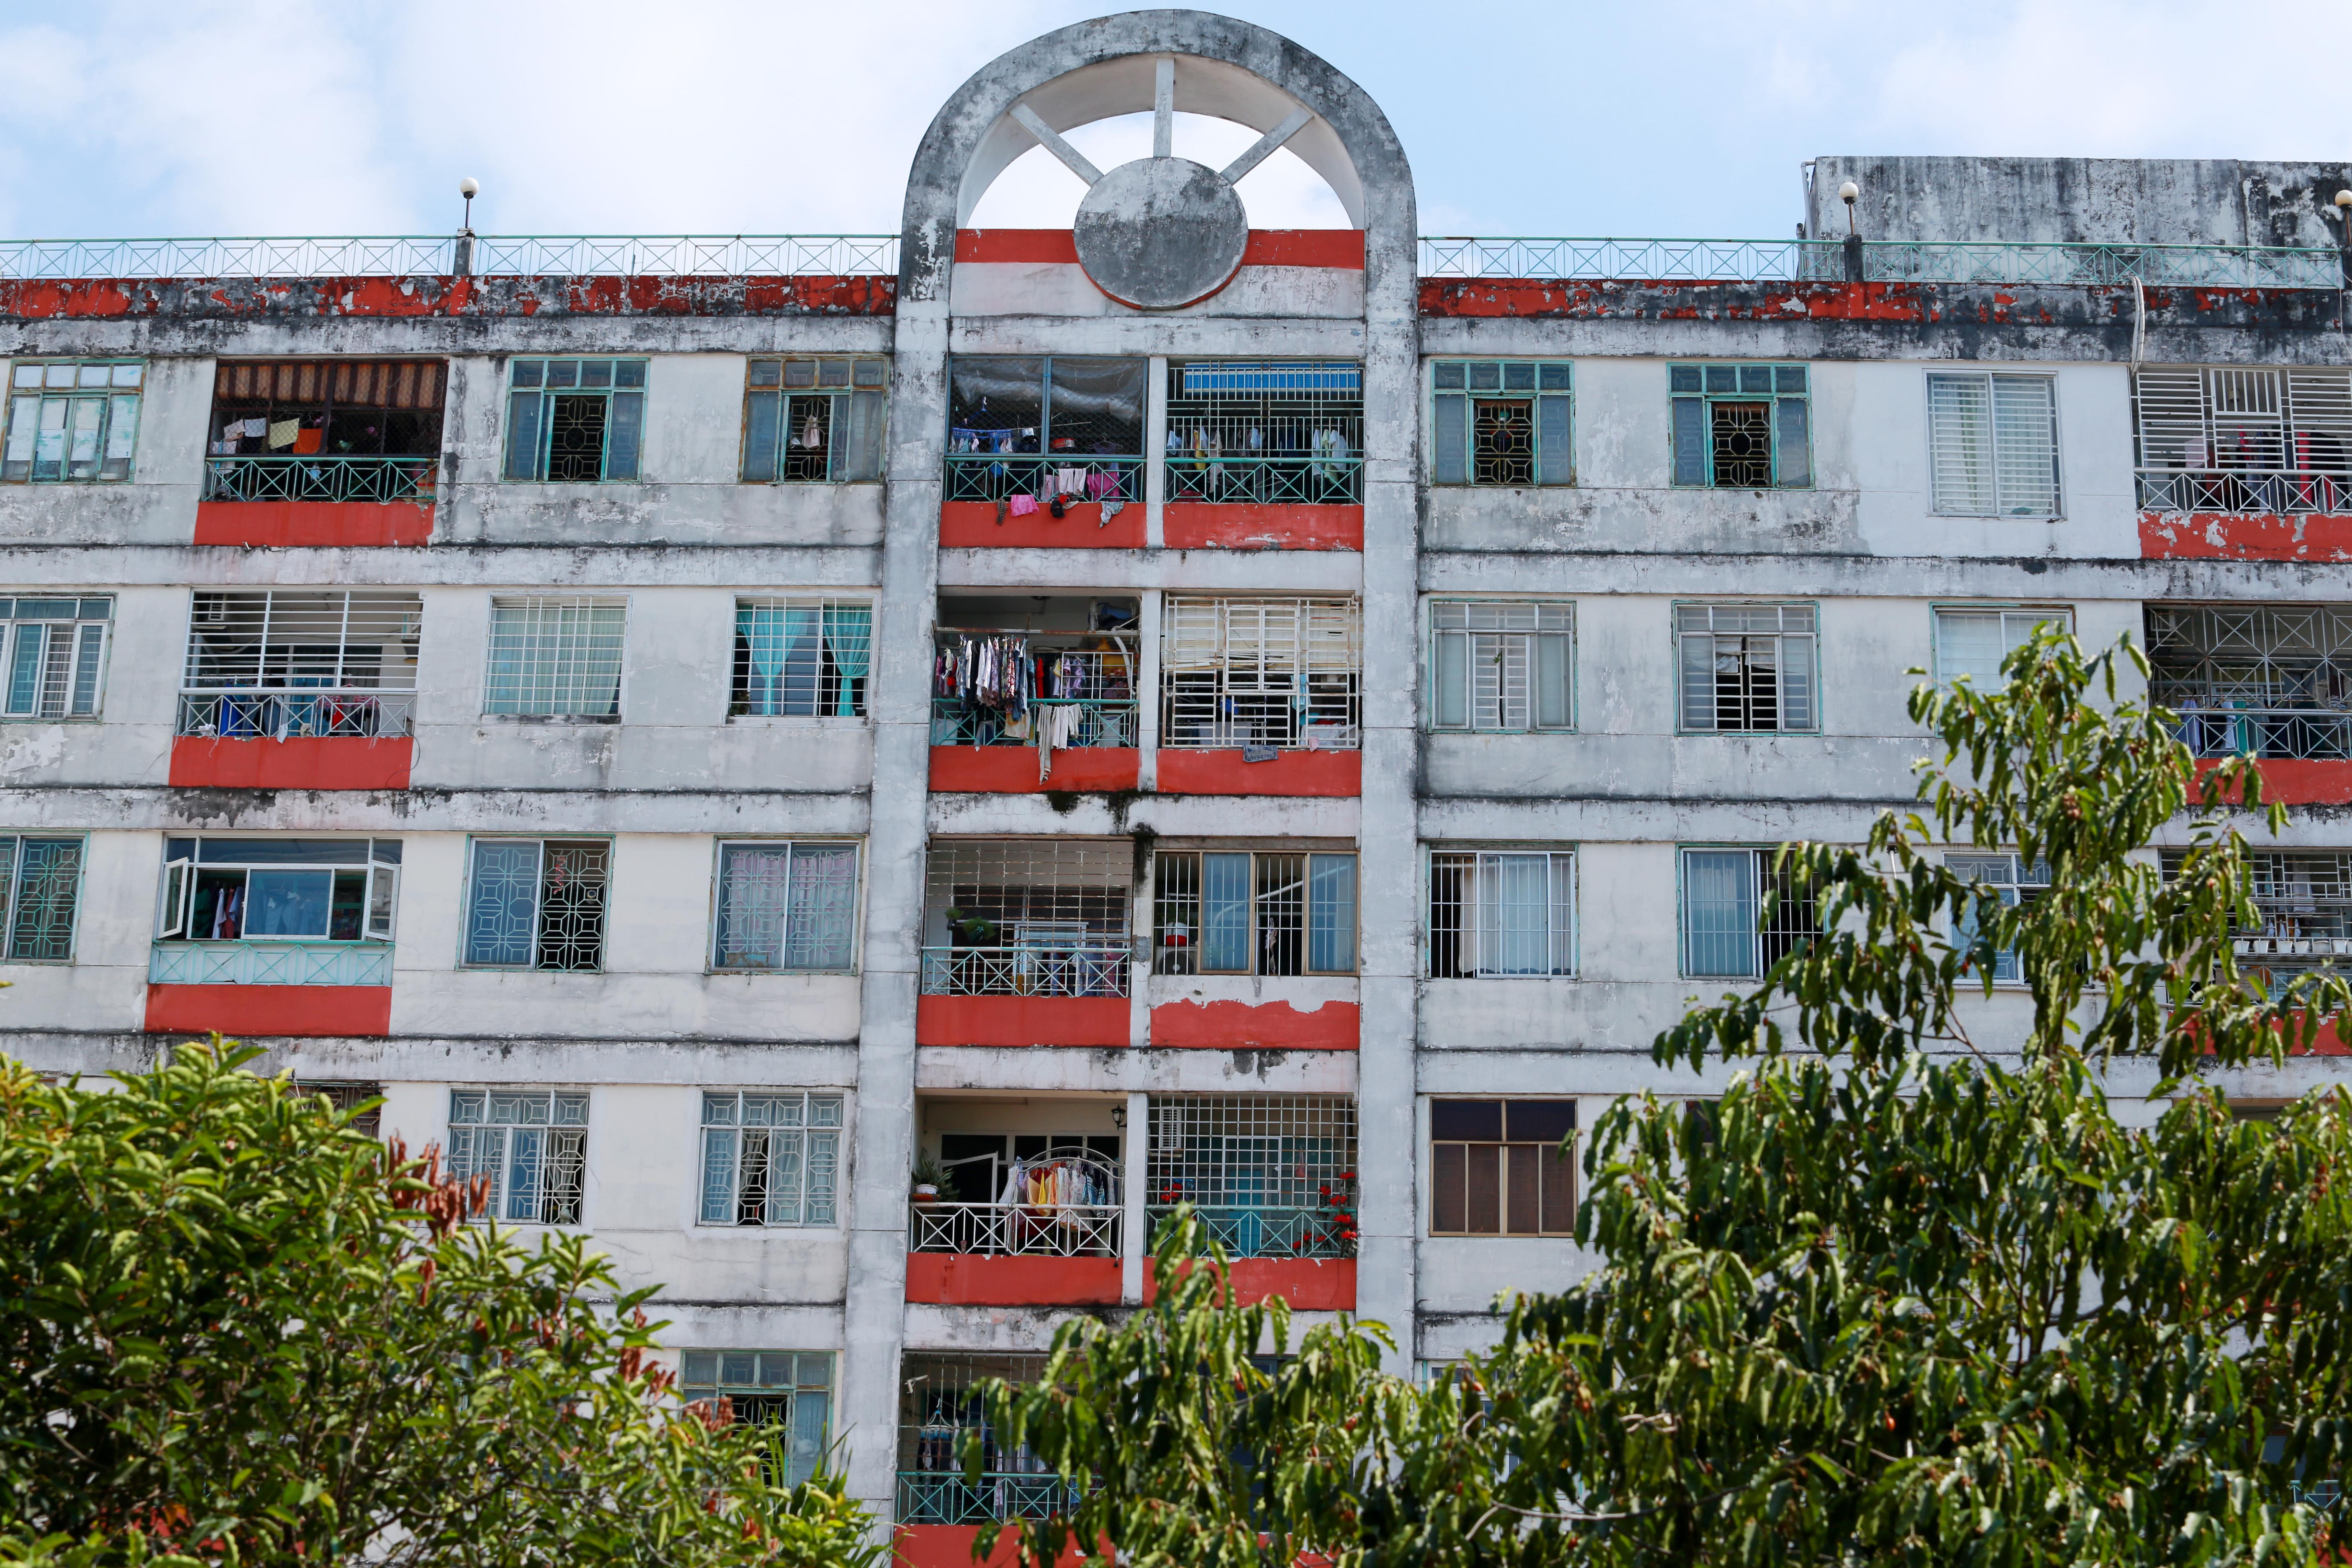 [ẢNH] Phong toả chung cư có ca nhiễm Covid-19 thứ 48 ở Sài Gòn, cư dân nhận tiếp tế lương thực qua hàng rào - Ảnh 7.